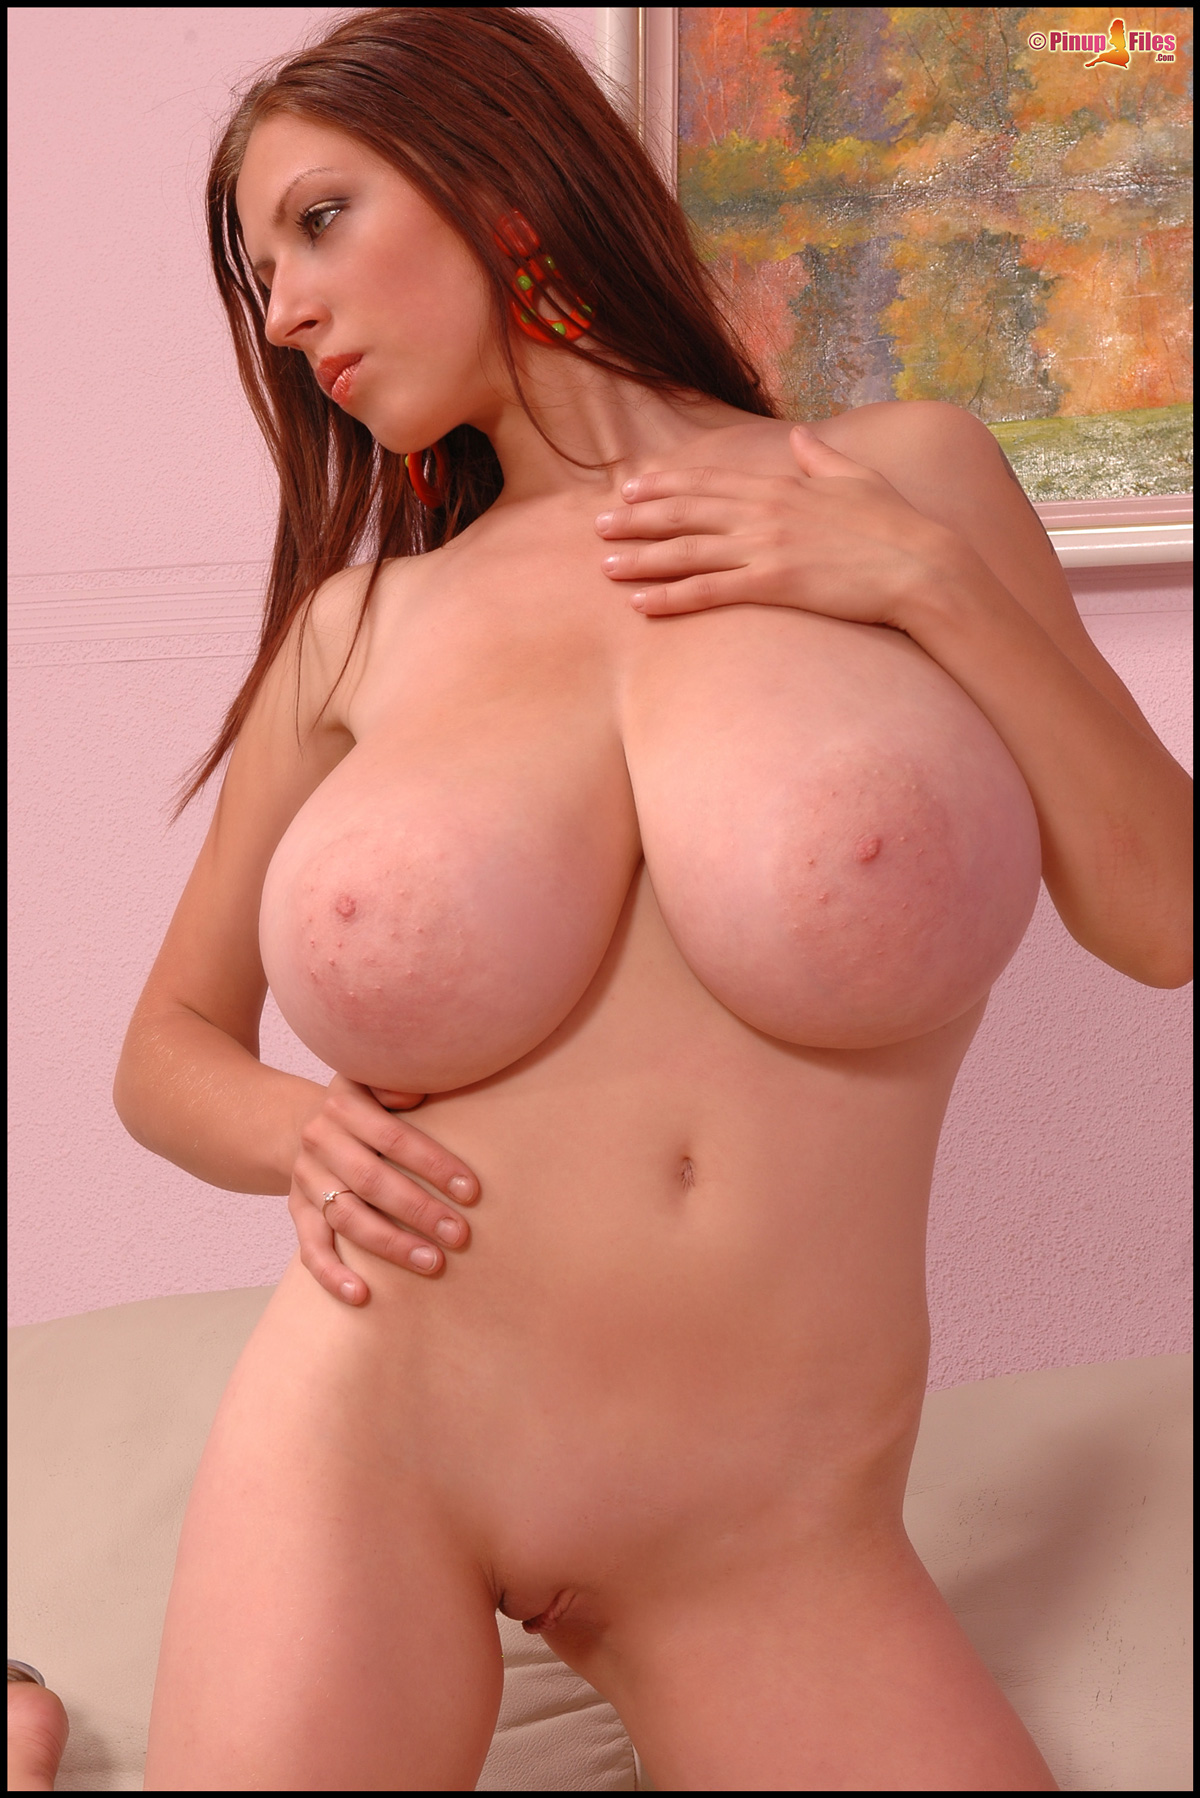 A big breast